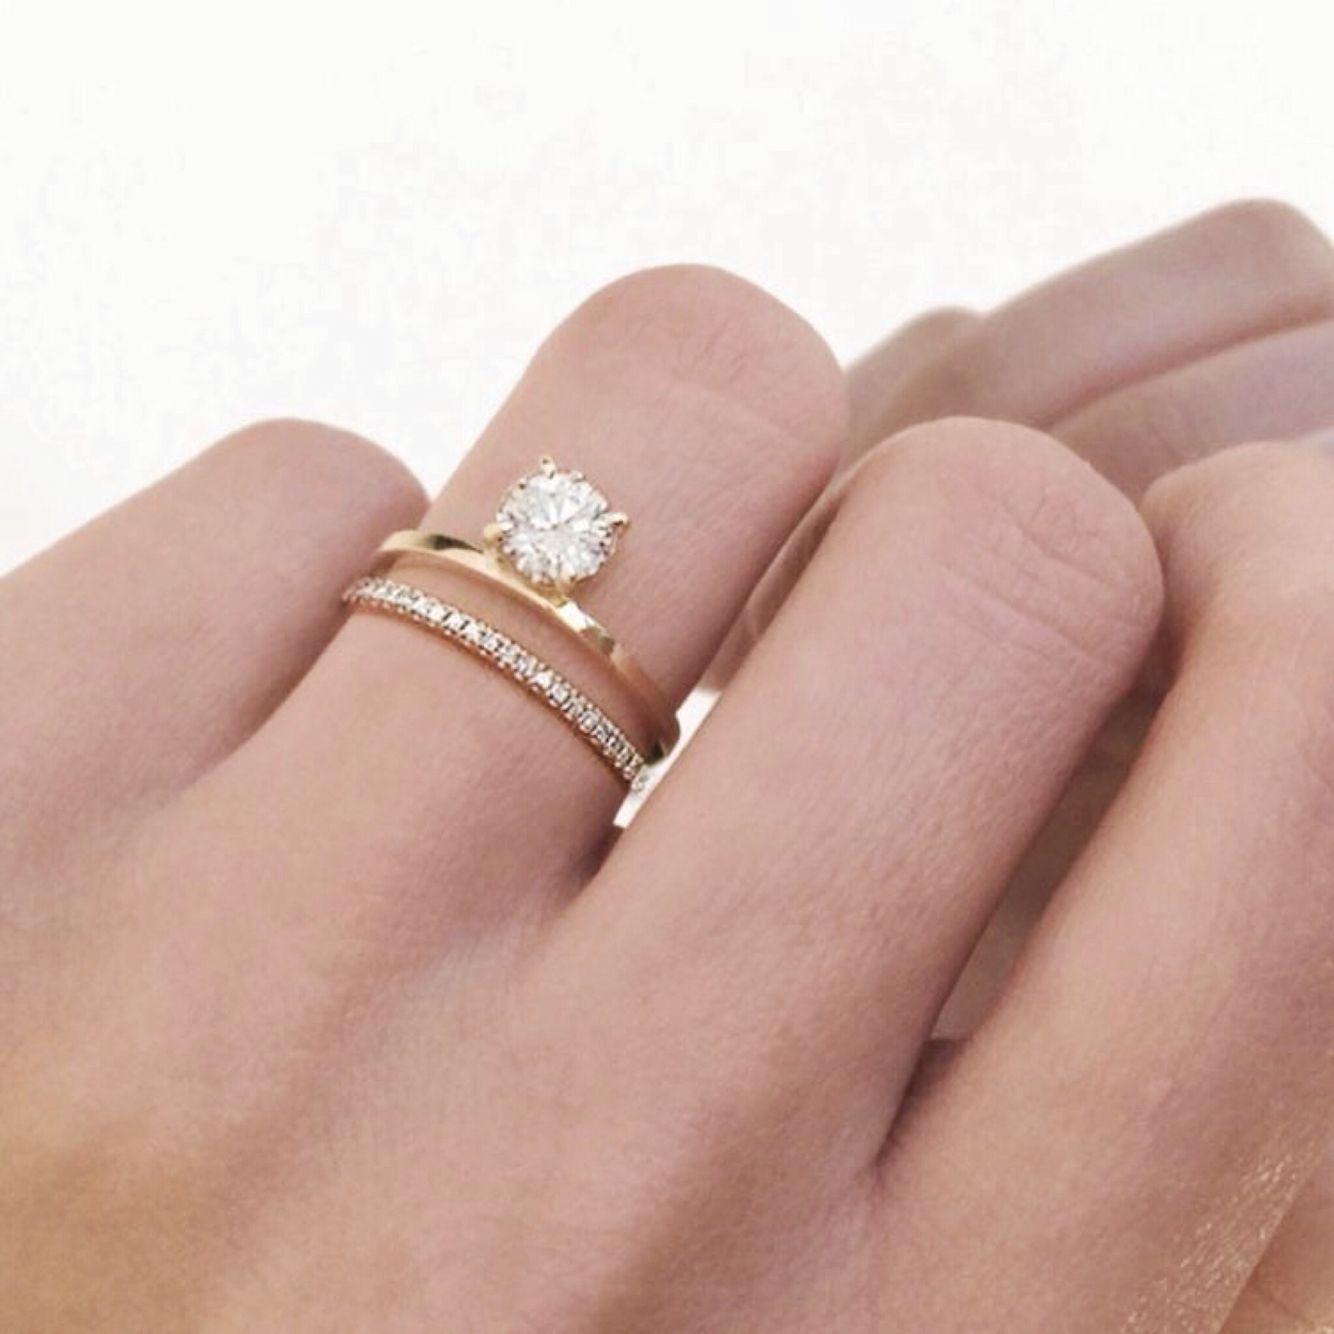 Pin by Sabrina von Campe Lew on Wedding/Reception | Pinterest ...